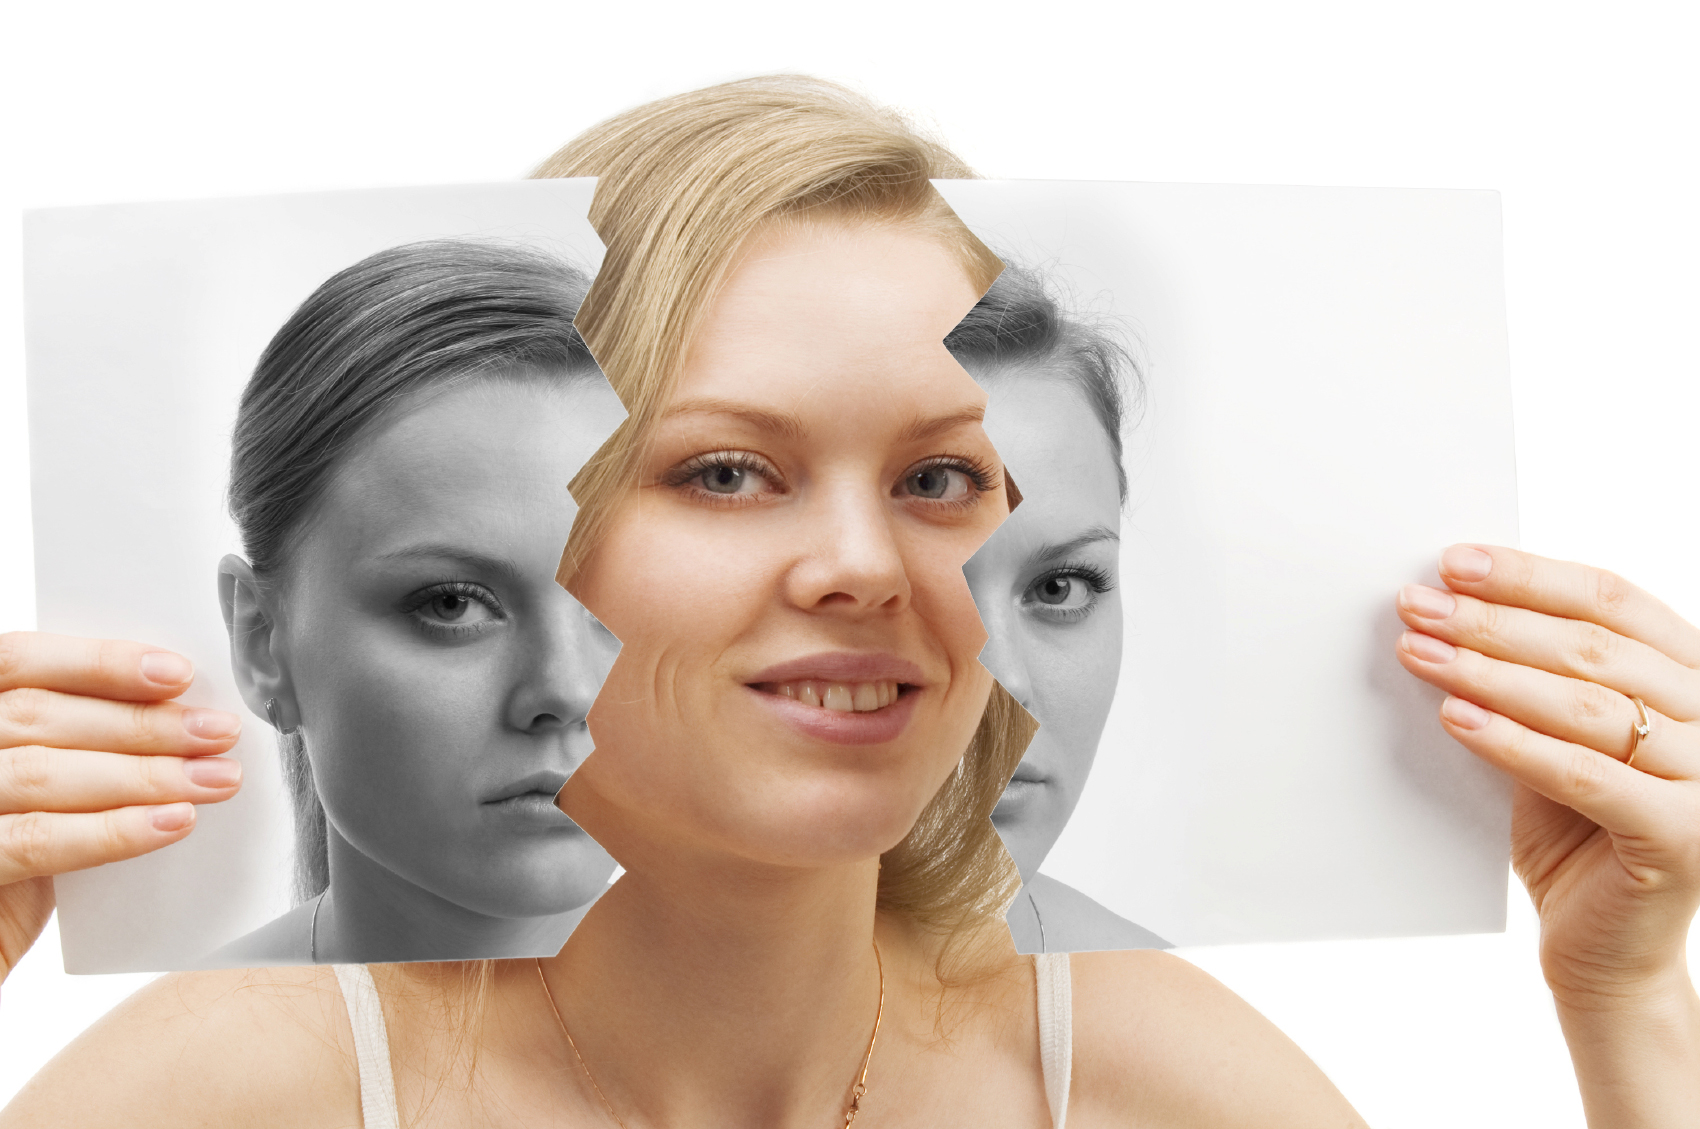 Cómo superar la depresión sin antidepresivos (I) - Salud